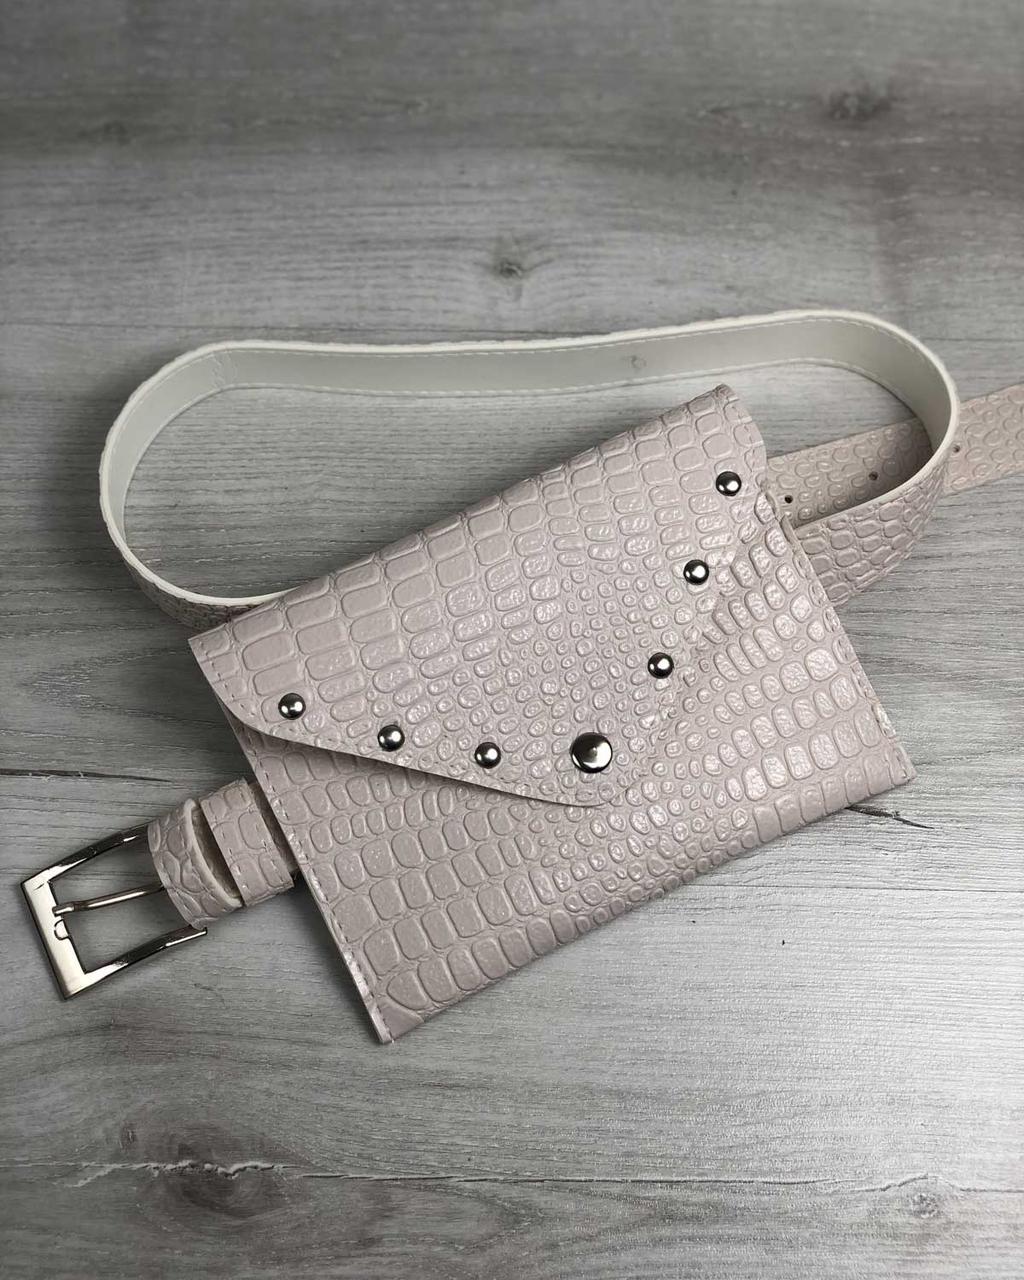 9ff481bce Кремовая поясная сумочка 99109 маленький клатч на пояс: продажа ...